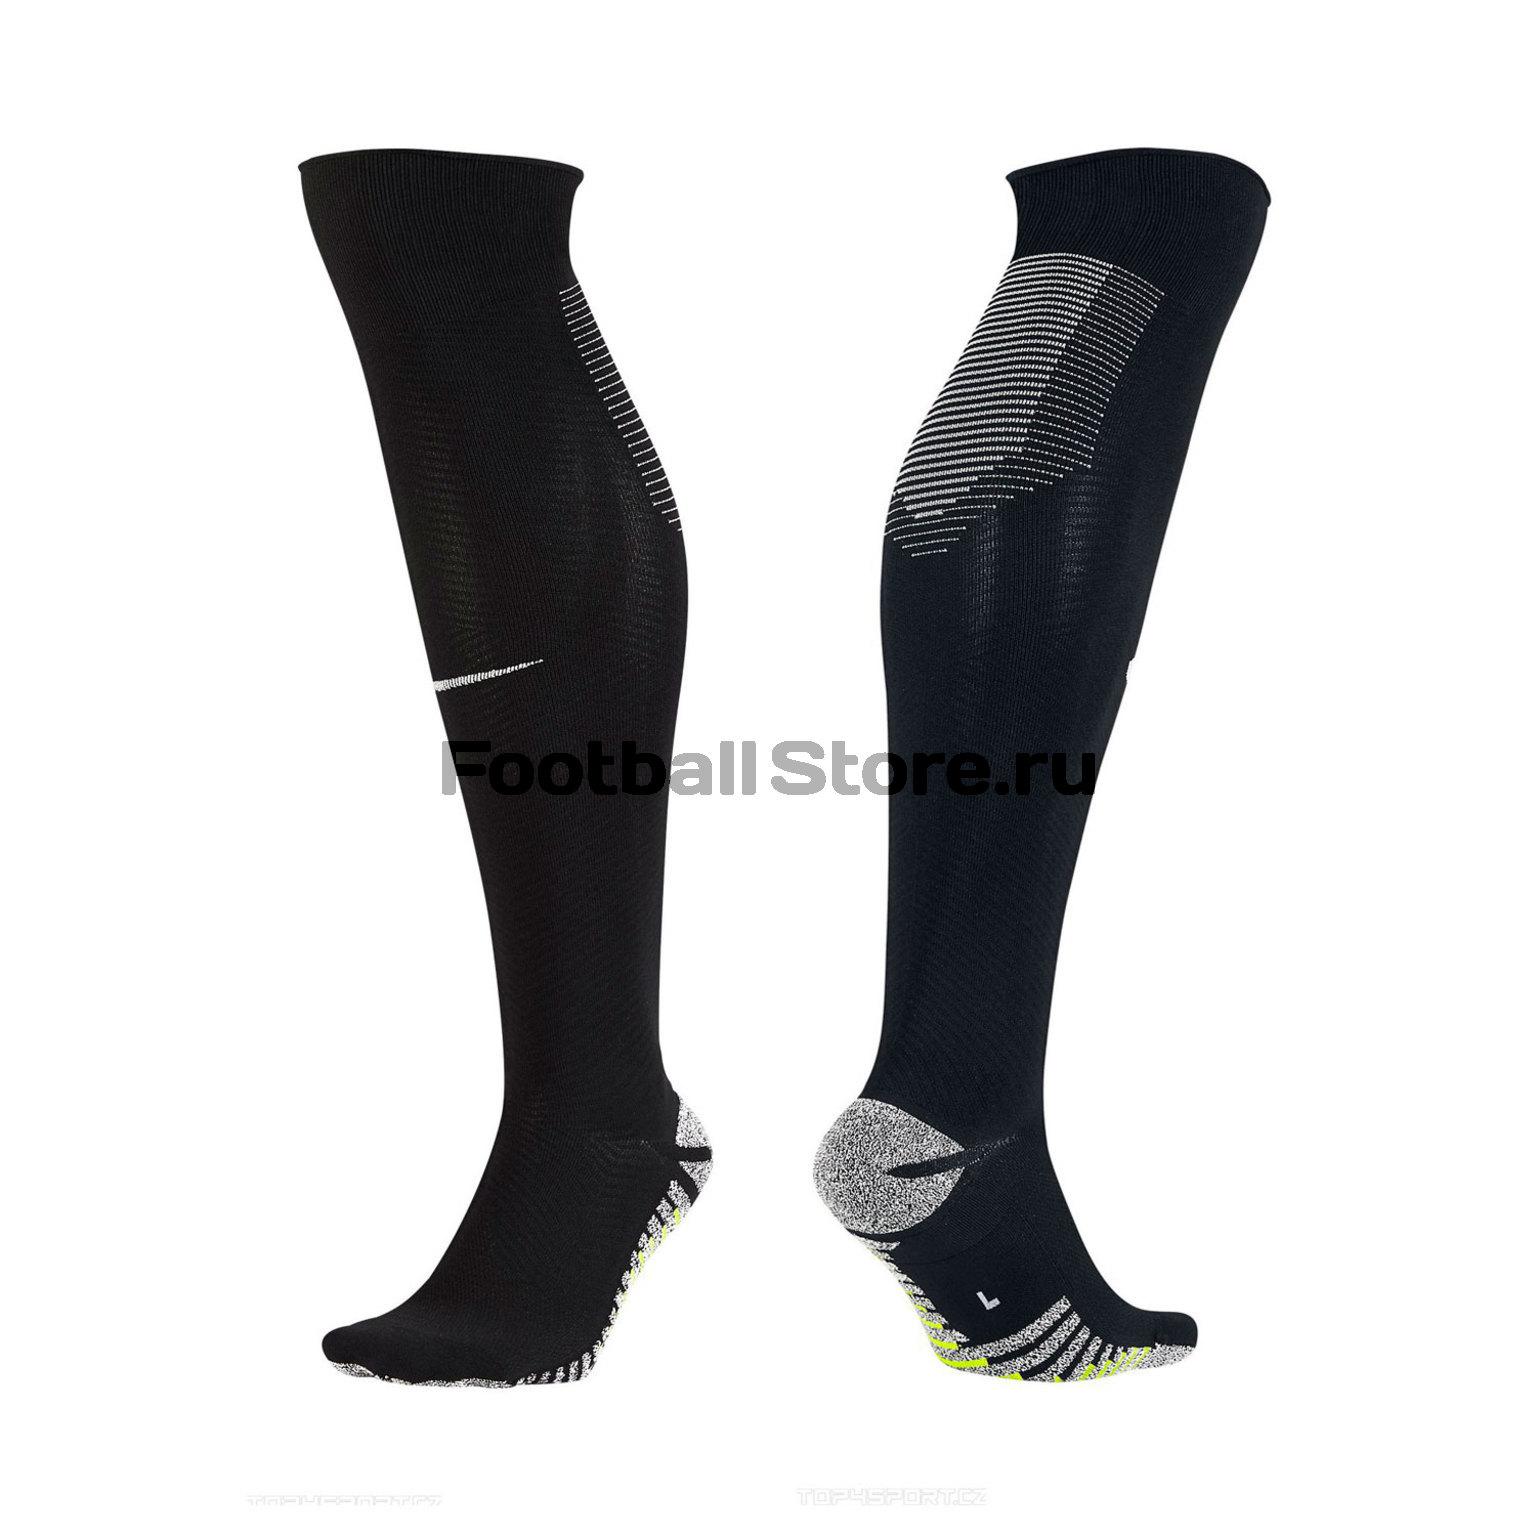 Гетры Nike Grip Strike Light OTC SX5485-013 гетры nike grip strike light otc sx5485 101